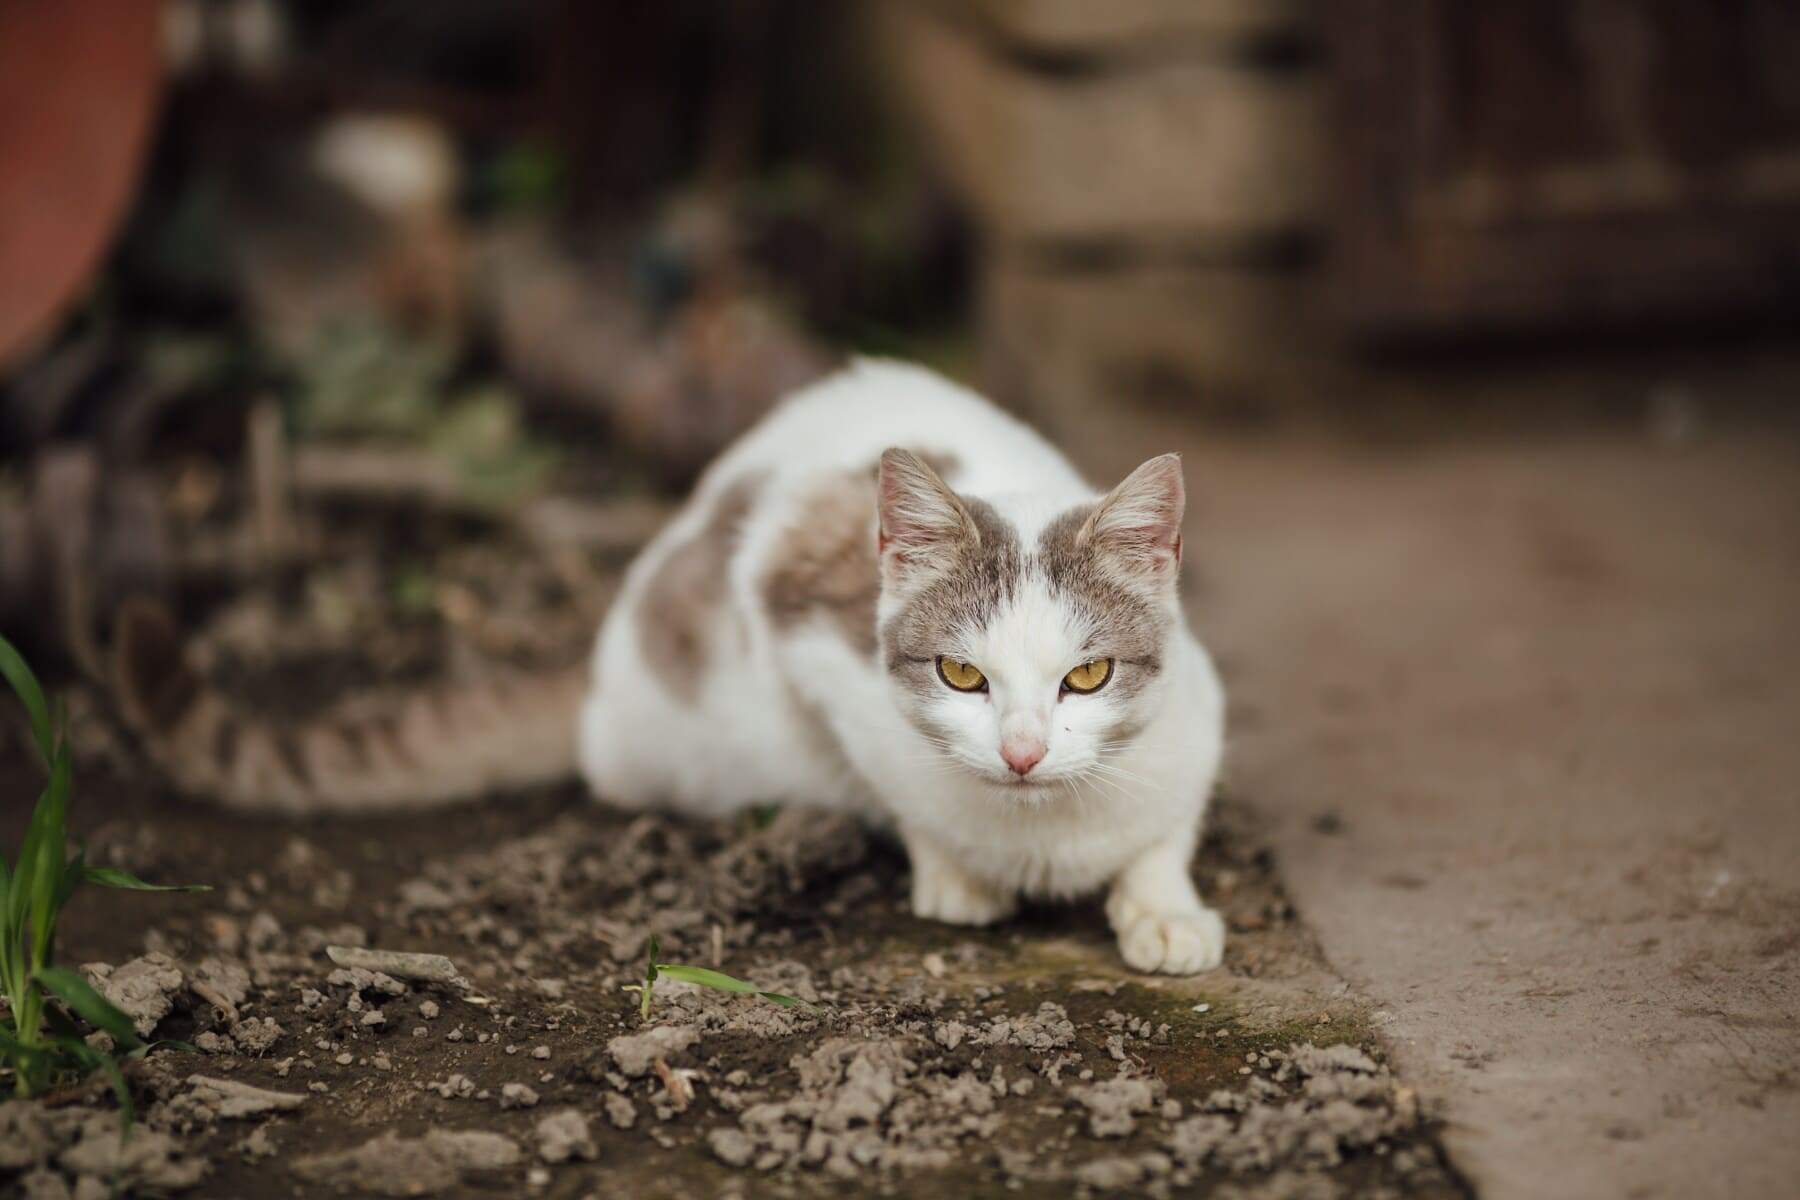 chat domestique, curieux, œil, chaton, animal de compagnie, animal, chat, mignon, félin, domestique